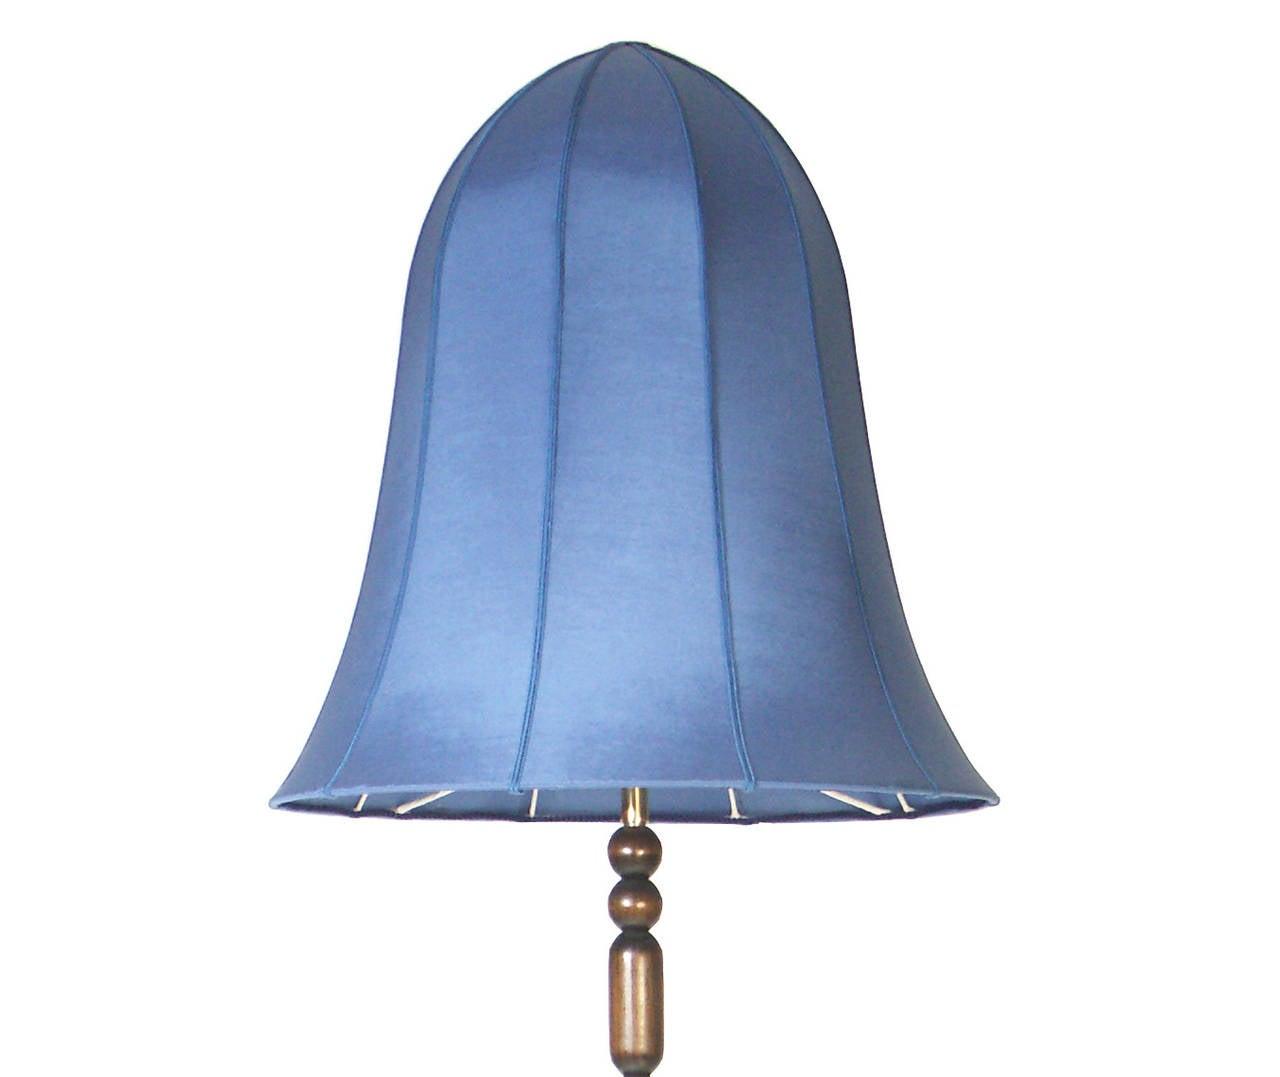 Jugendstil Dagobert Peche Wiener Werkstätte Floor Lamp, Design Wiktorin Company Re-Edition For Sale